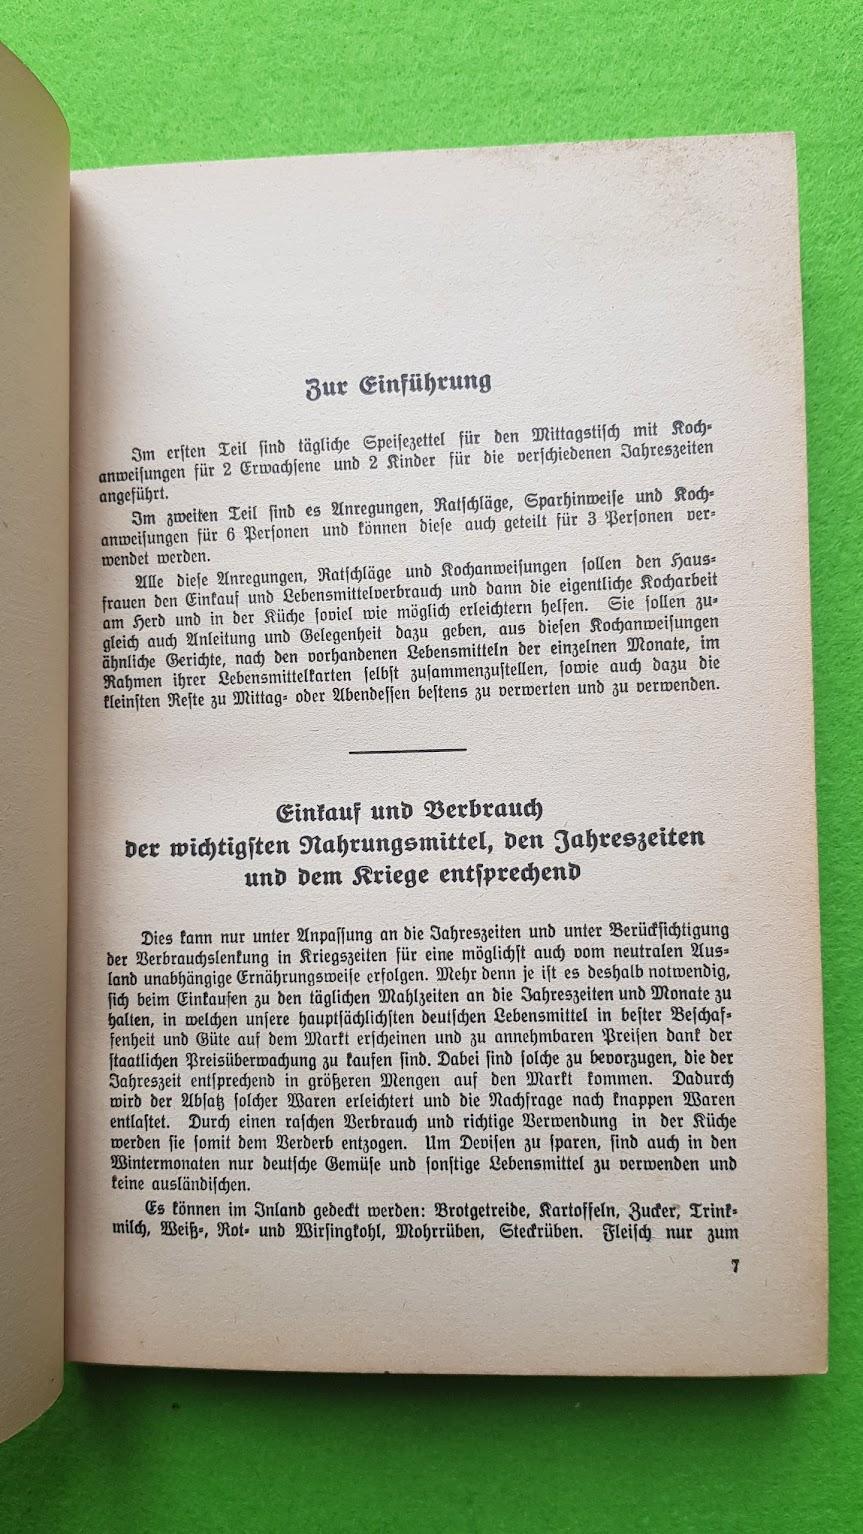 Eugen Bechtel, Nahrhaft, schmackhaft kochen - auch im Krieg!, 1940